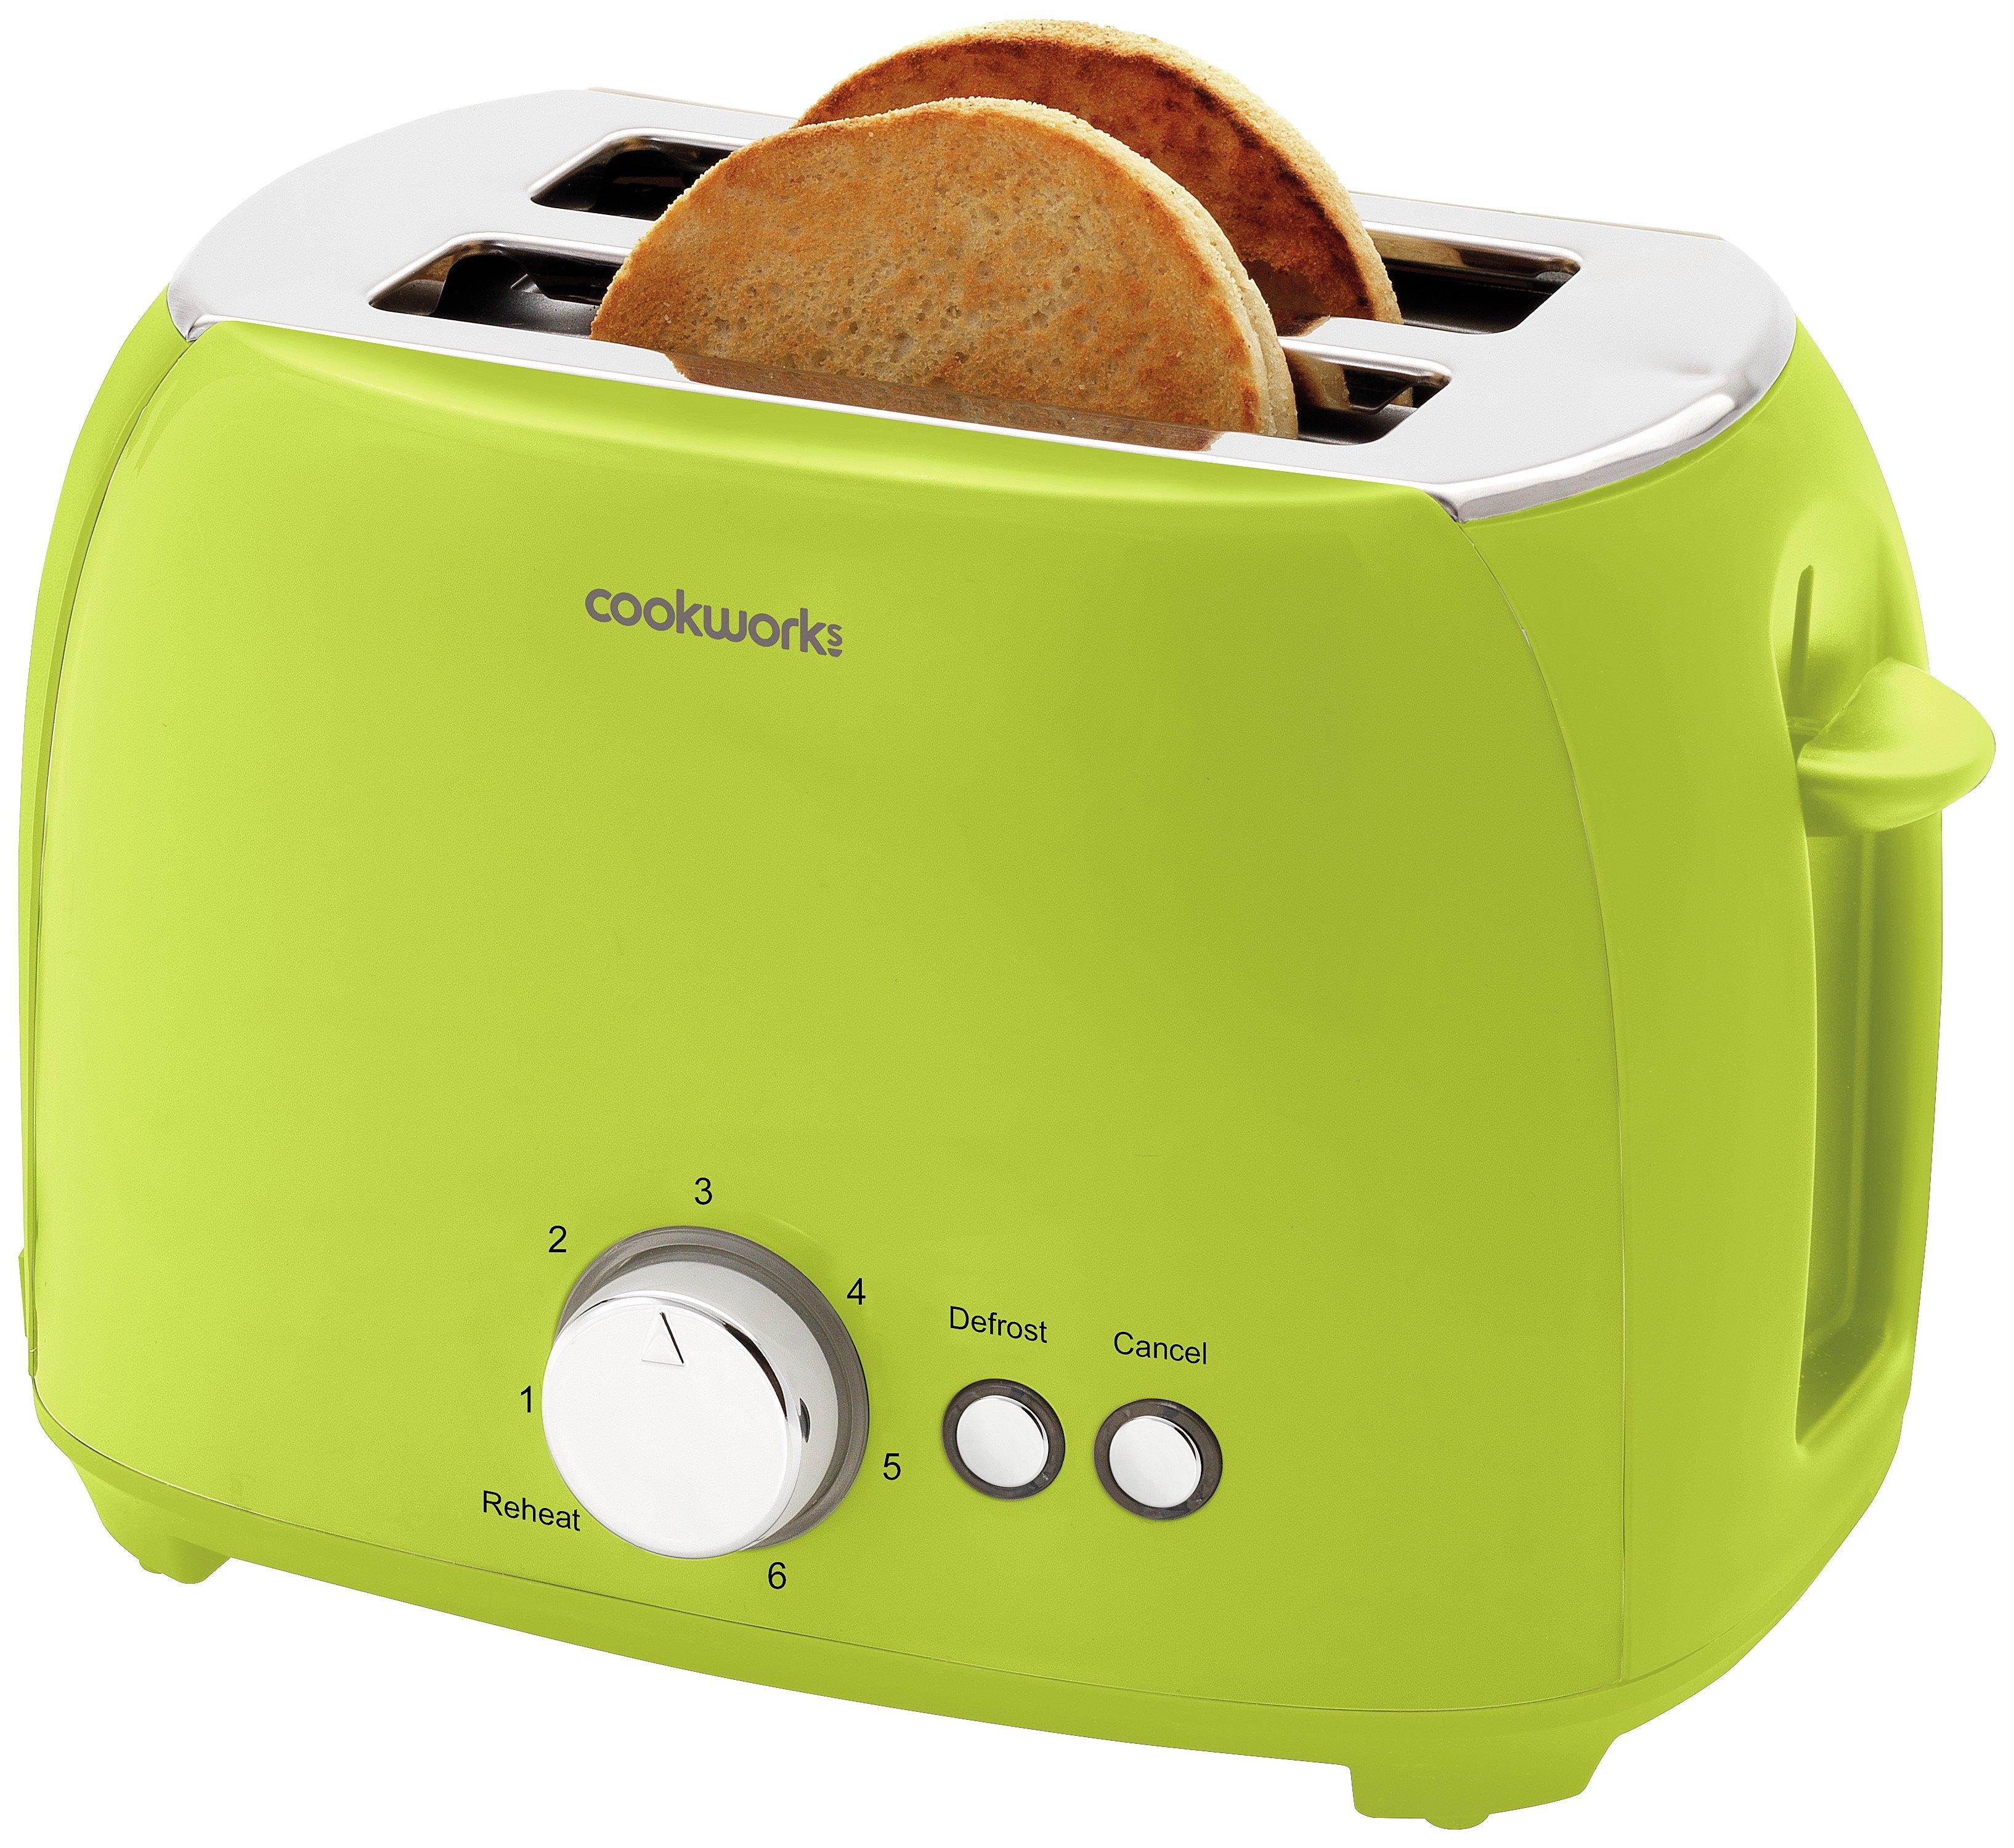 'Cookworks 2 Slice Toaster - Green